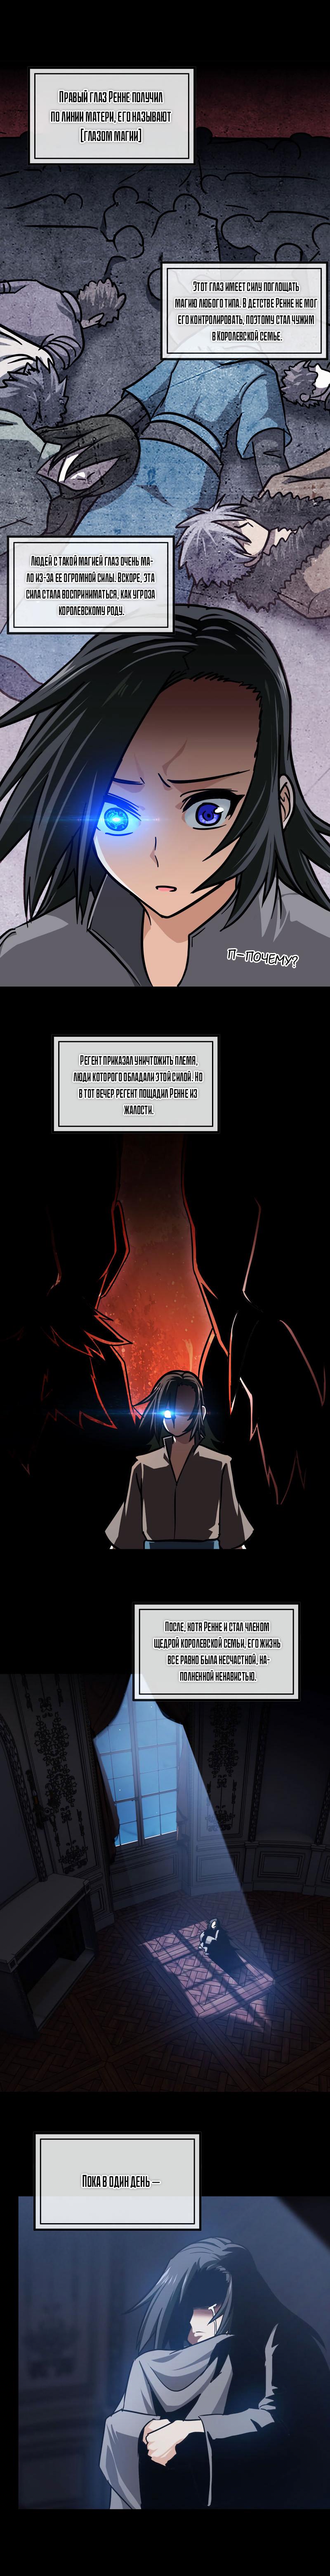 Манга Моя жена — королева демонов / My Wife is a Demon Queen  - Том 1 Глава 143 Страница 1